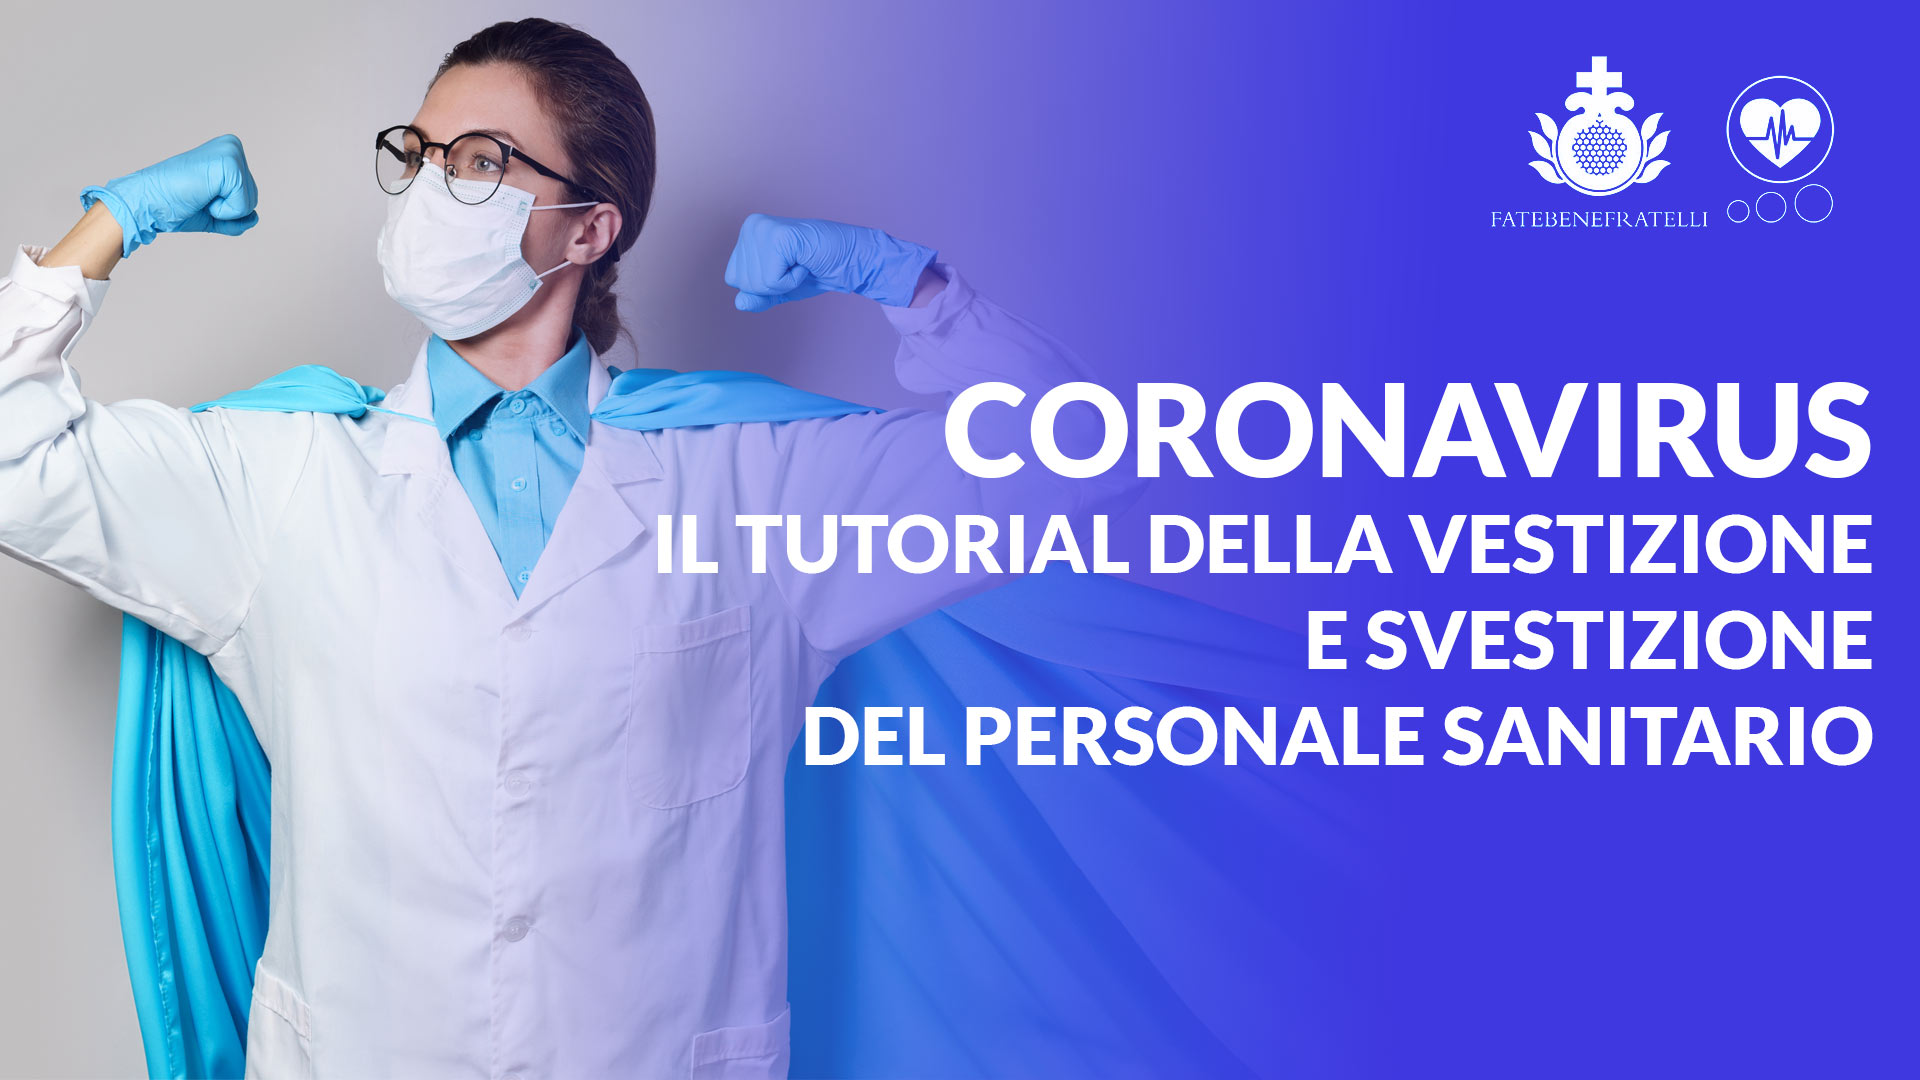 Coronavirus, Il tutorial della vestizione e svestizione del personale sanitario